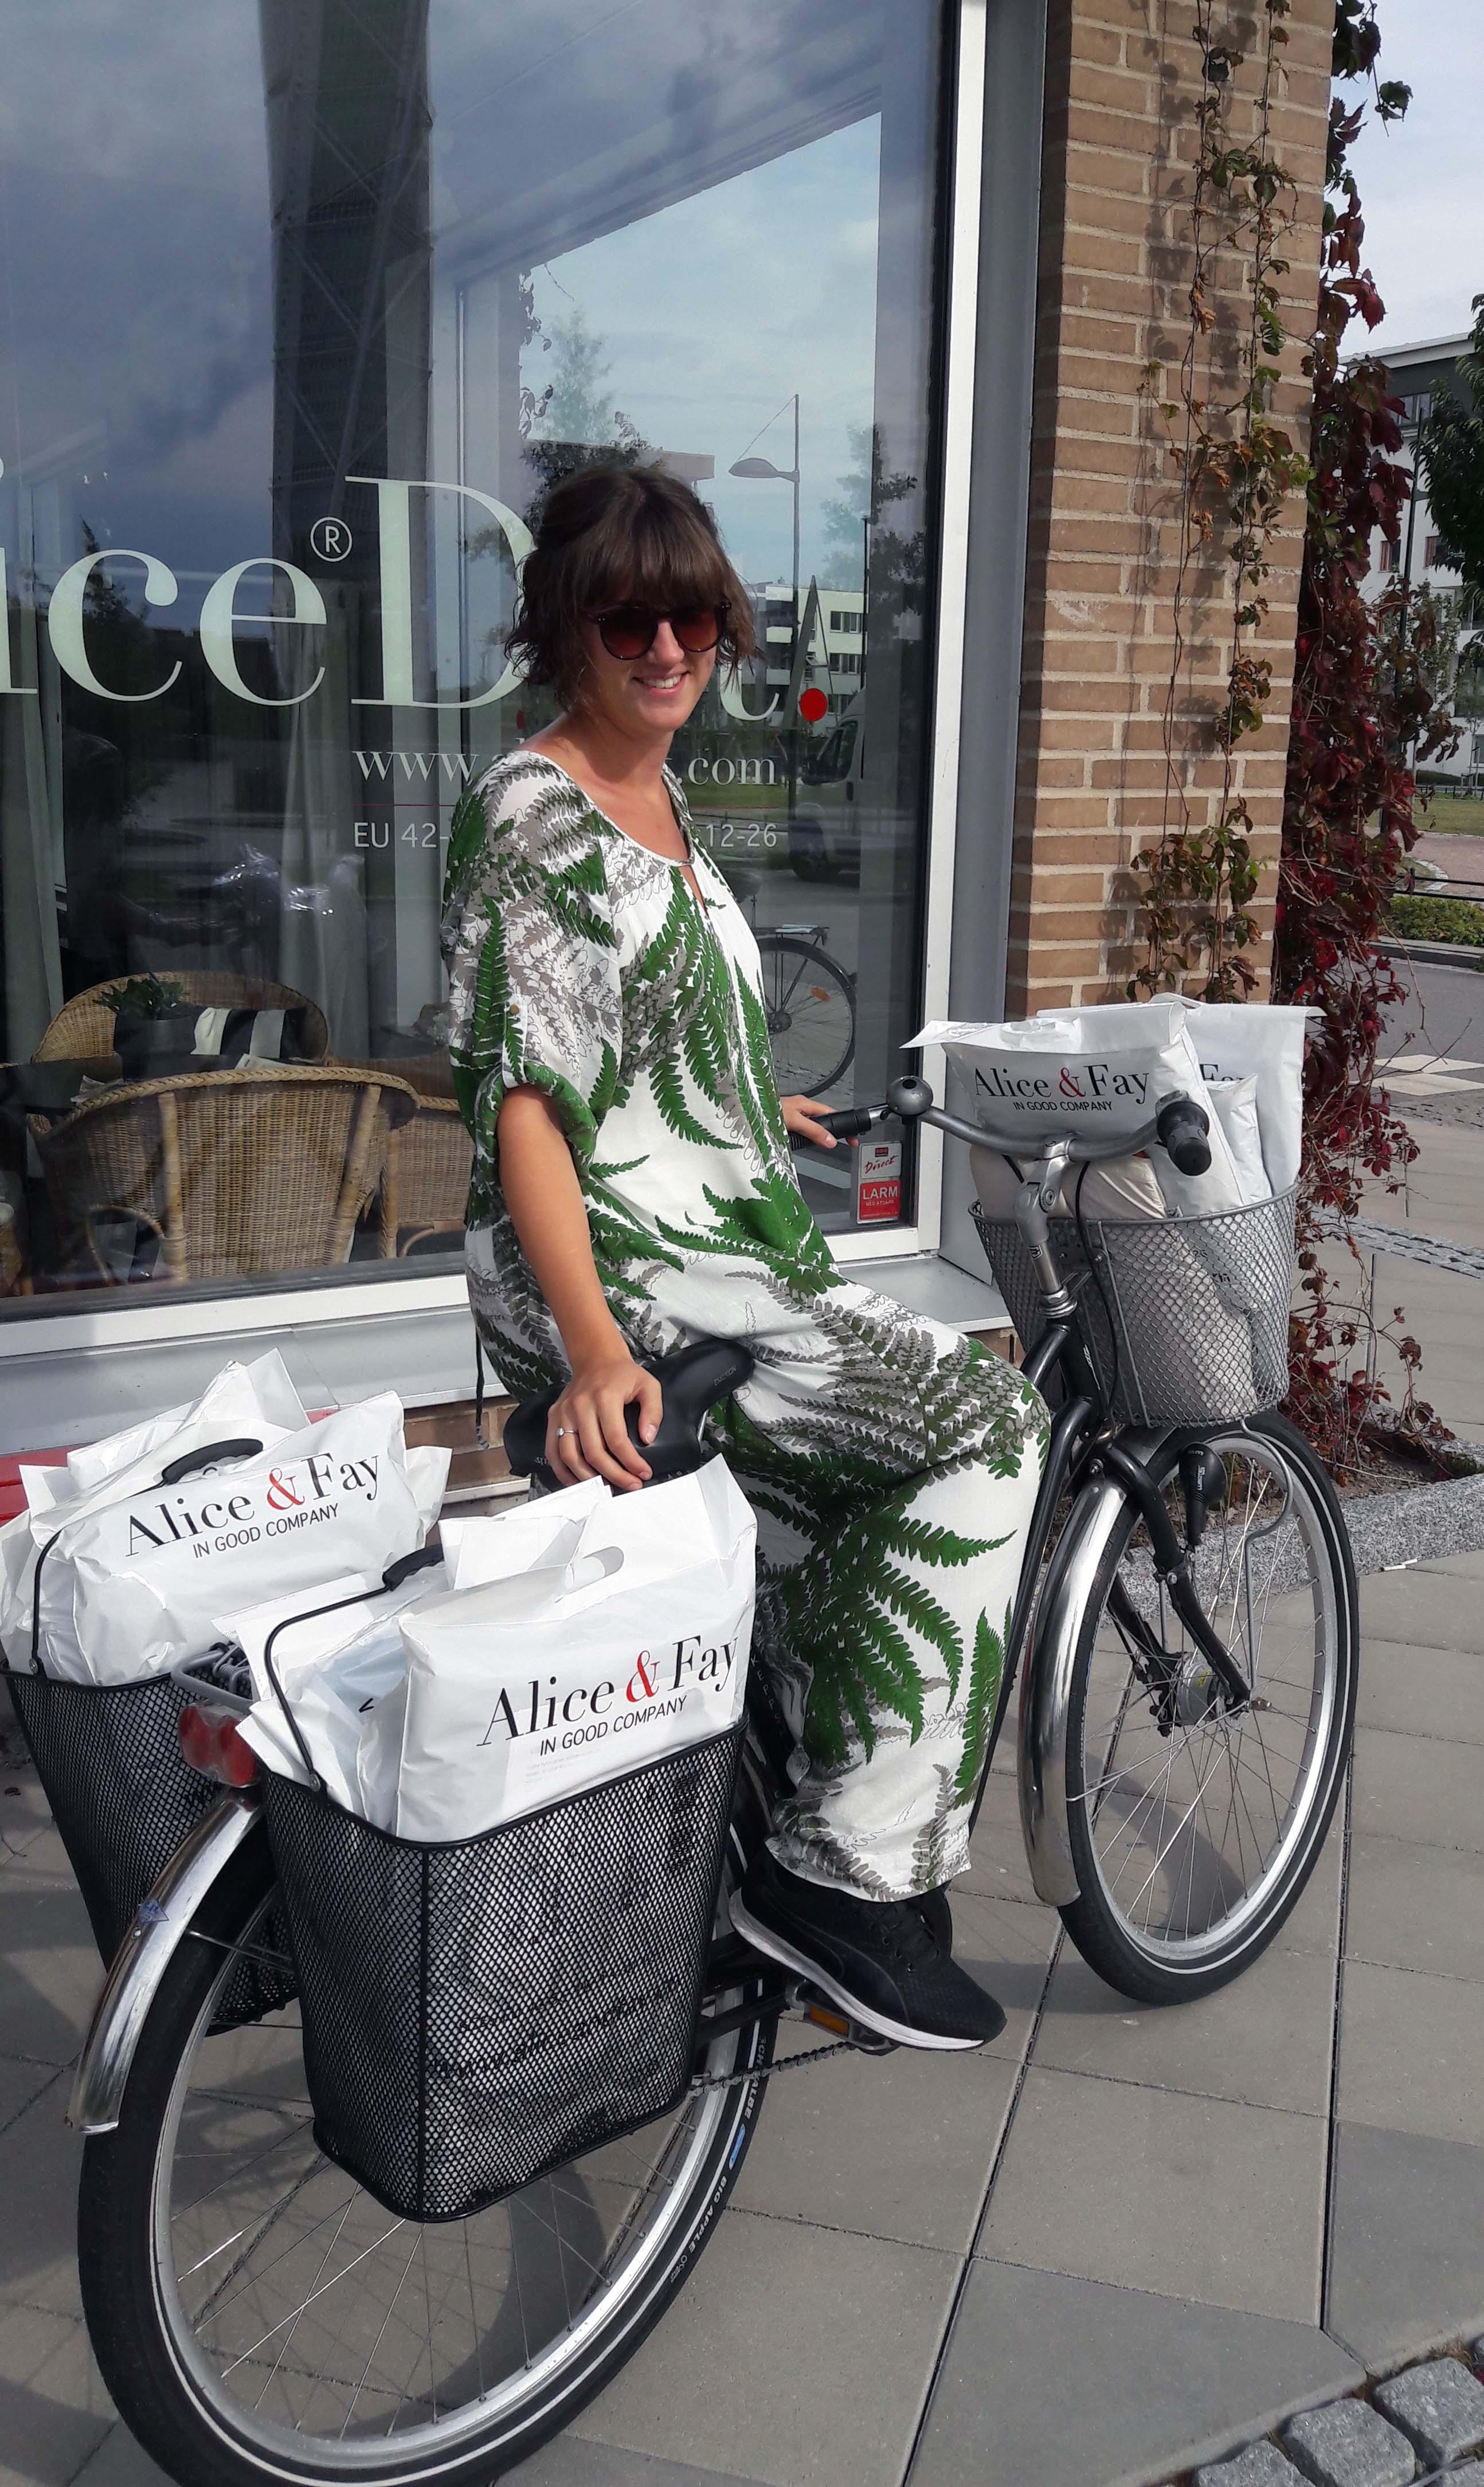 Packat och klart! Fanny cyklar till Postens företagscenter med ditt paket. Vi skickar 1.a klass för att det ska gå fort och du behöver inte betala för det!